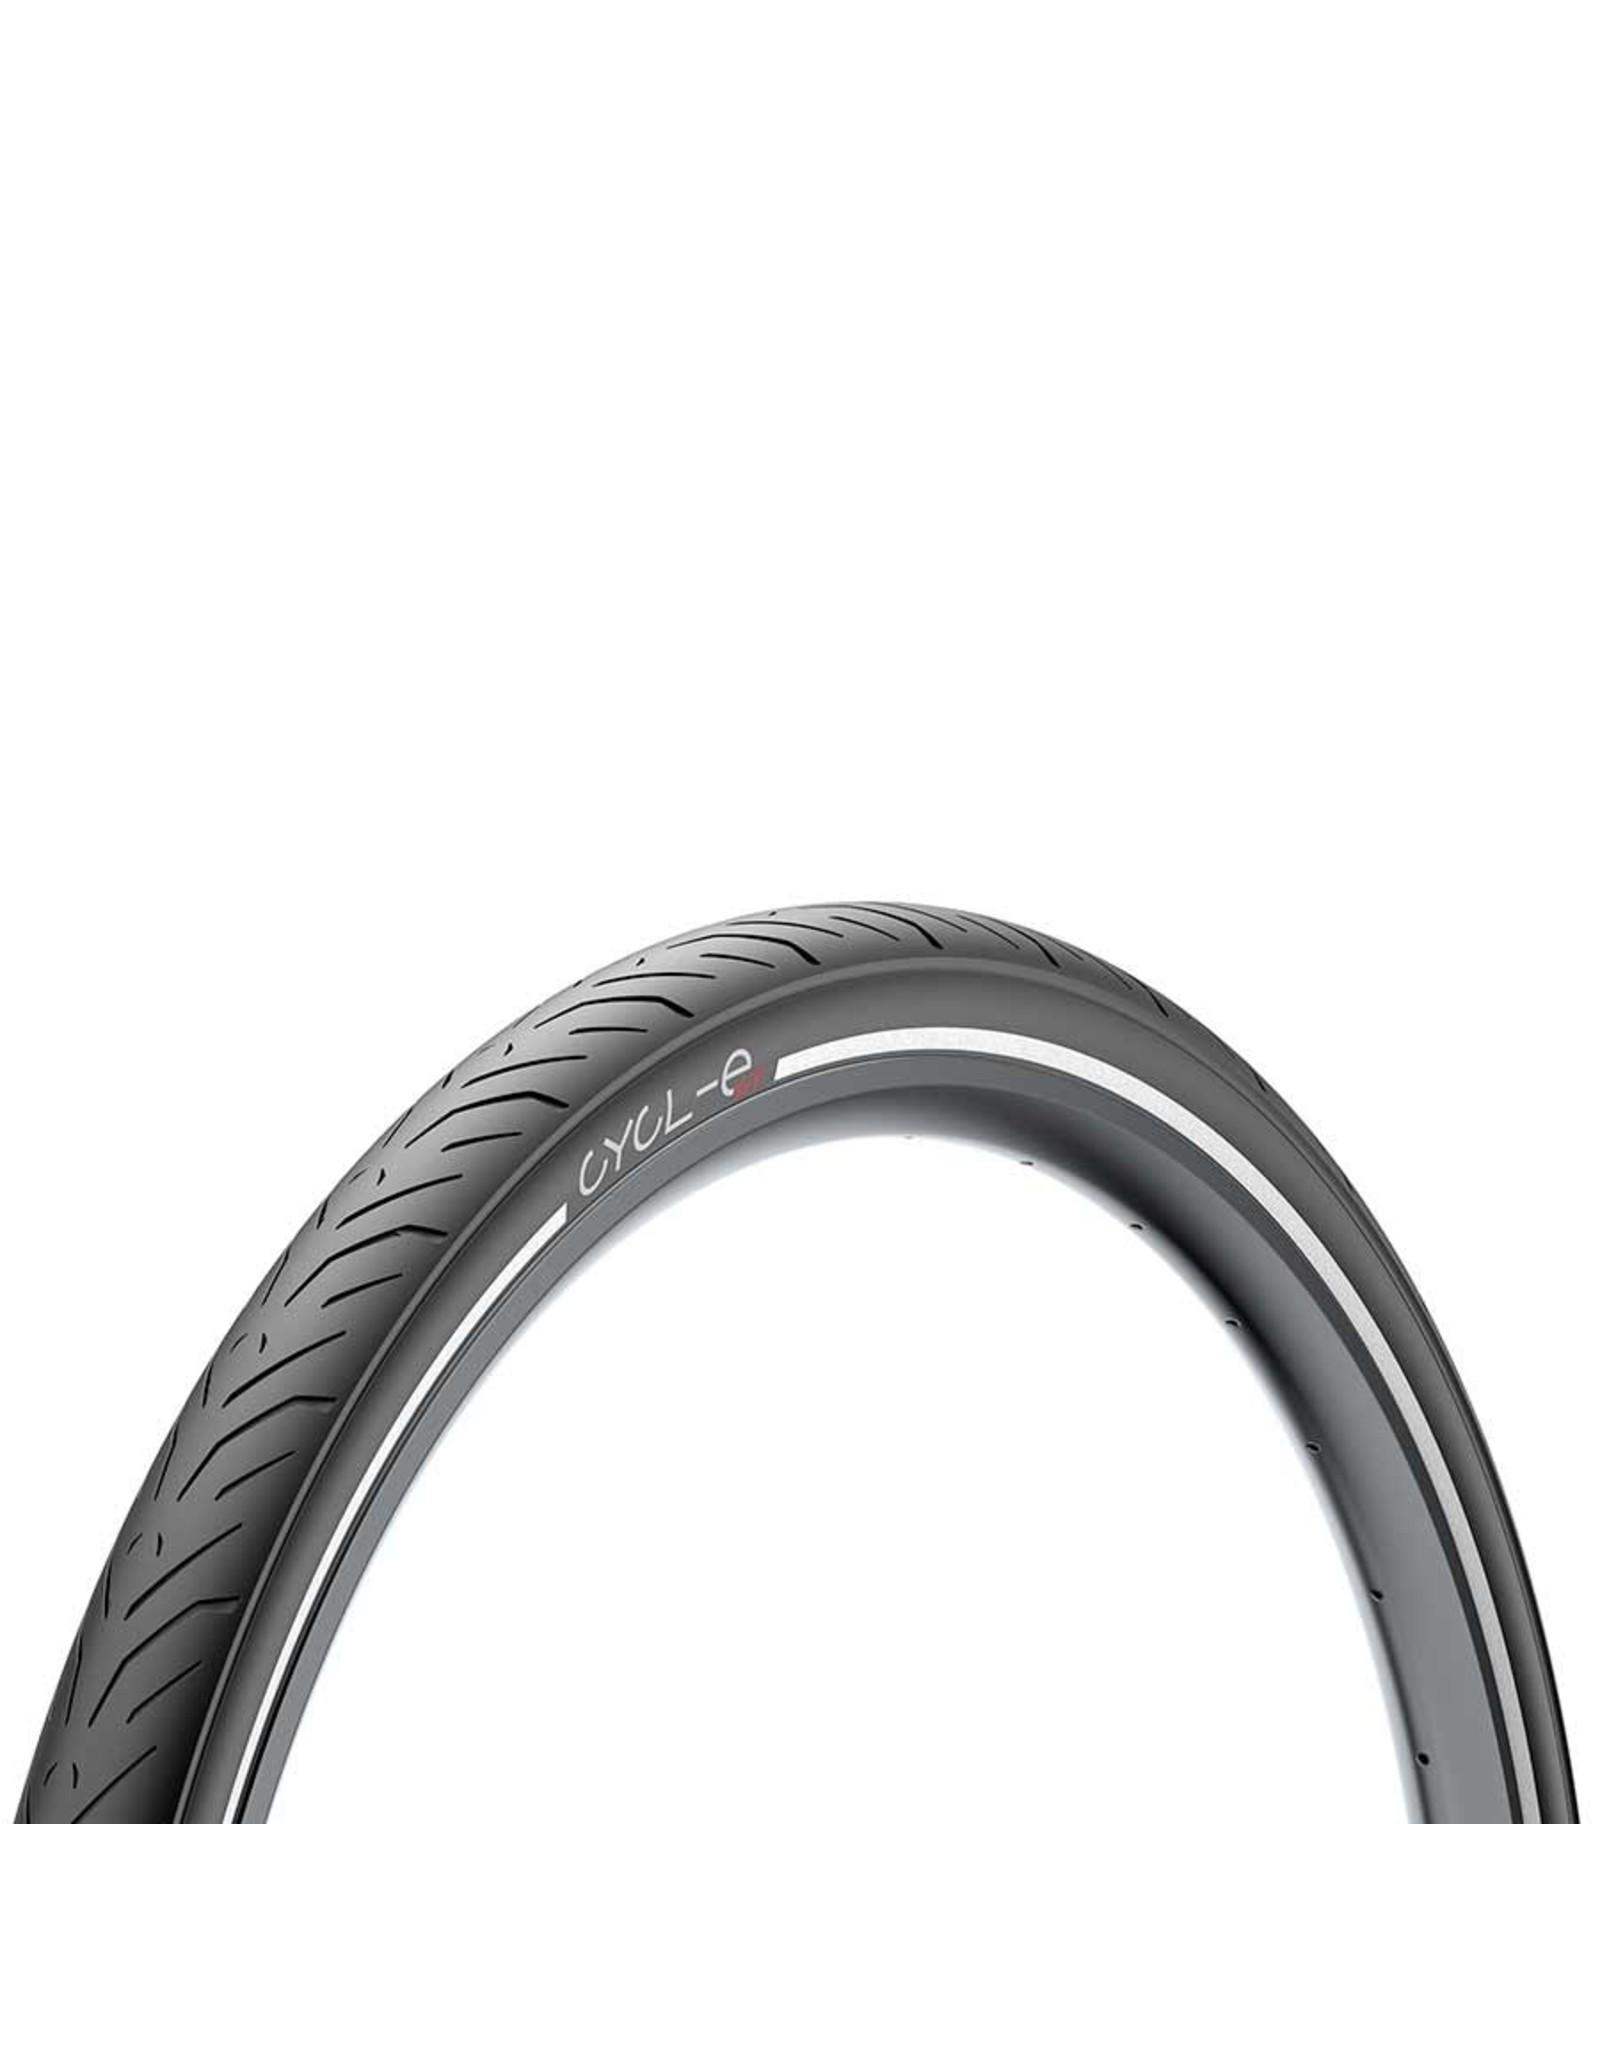 Pirelli Pirelli, Cycl-e GT, Tire, 27.5''x2.35, Wire, Clincher, Black